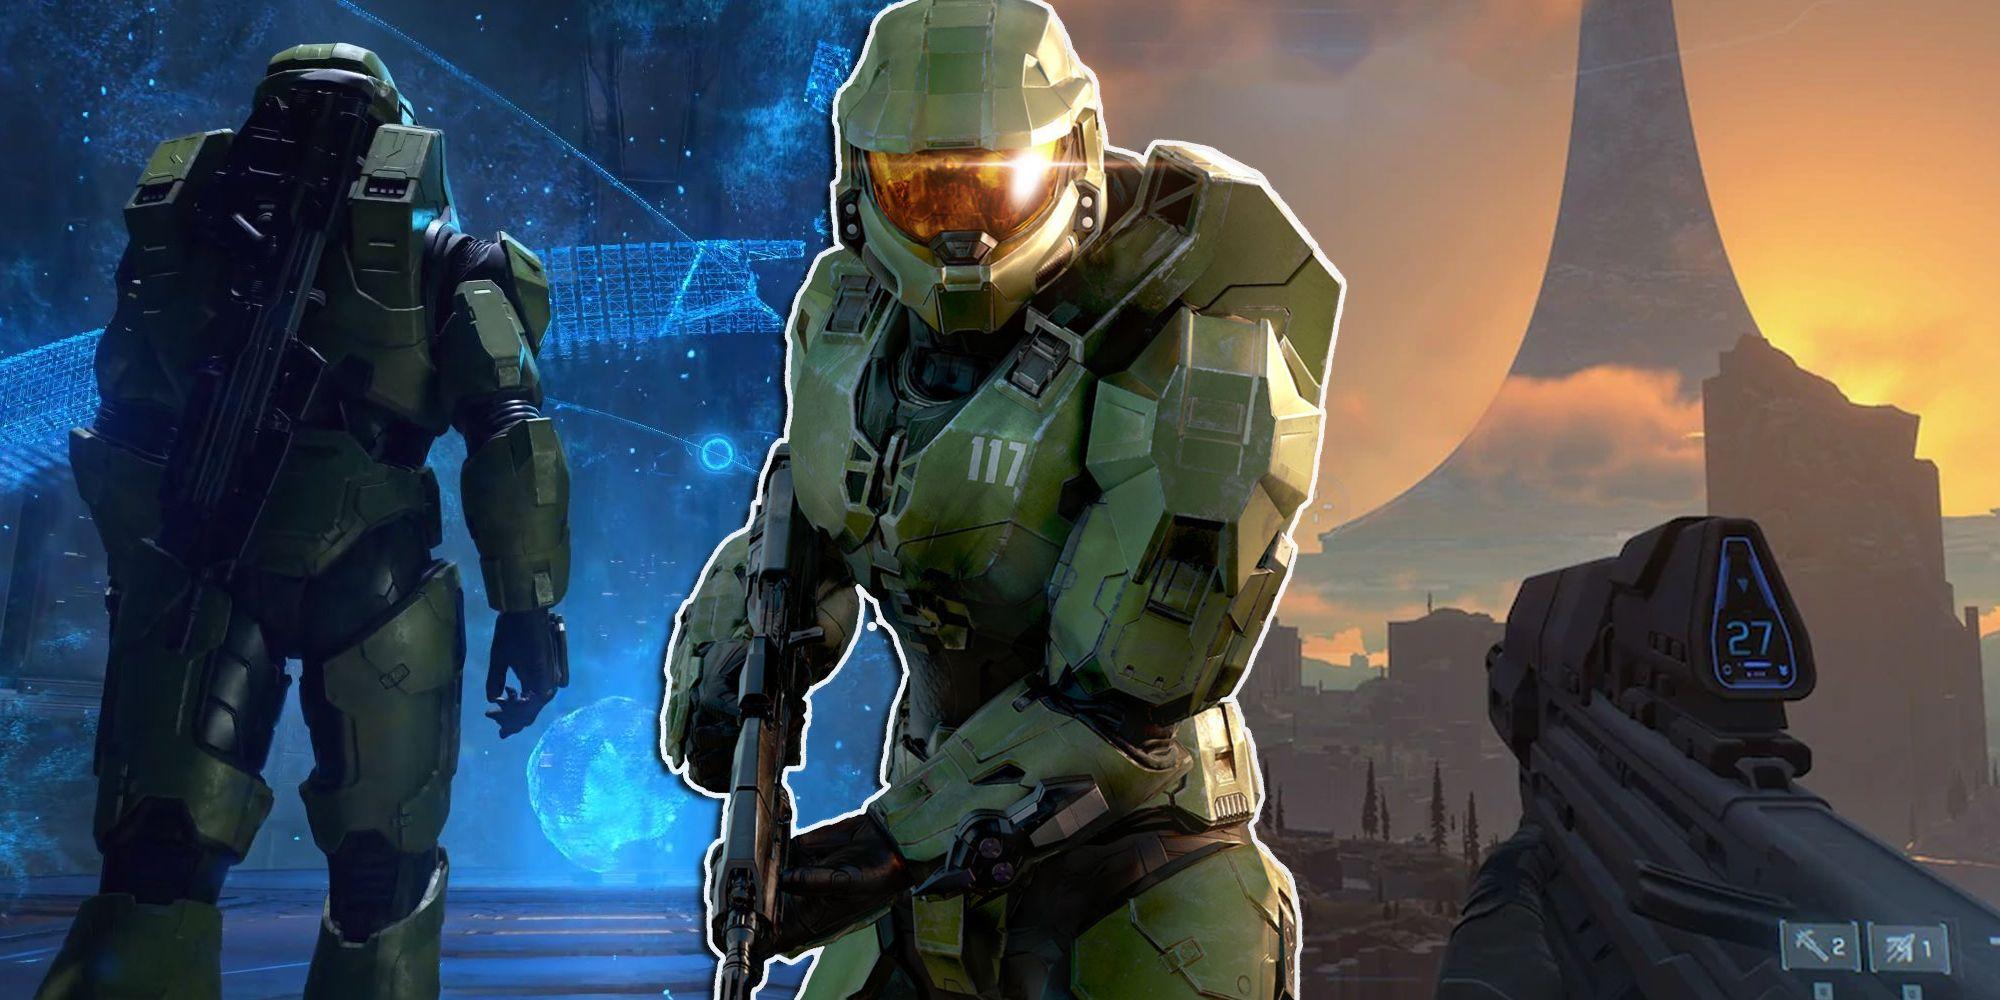 Guía de Halo Infinite: todo lo que sabemos hasta ahora